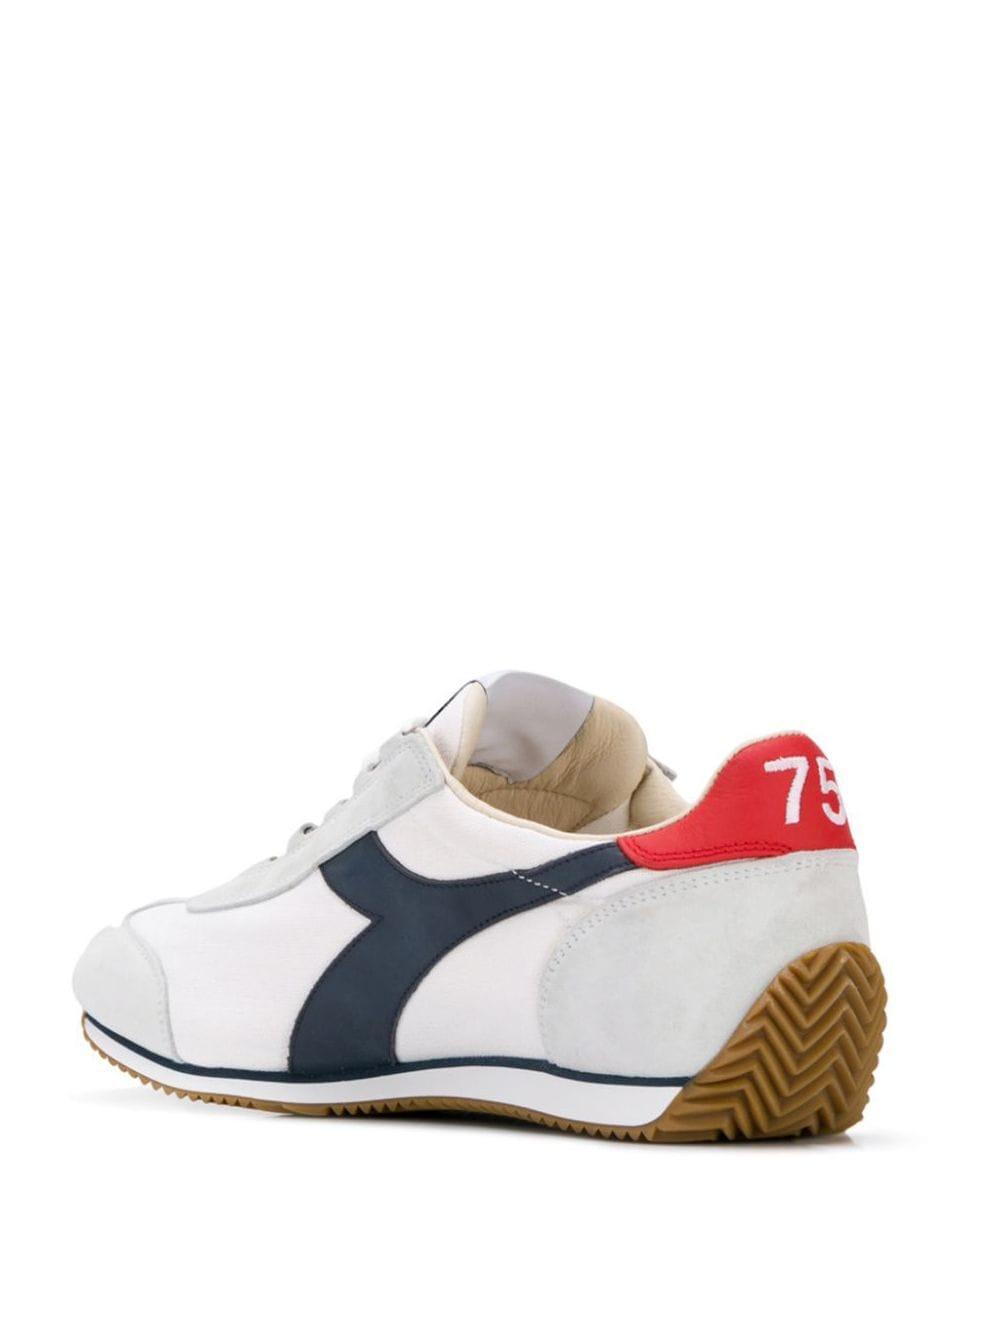 sneakers Equipe scamosciata con dettagli in pelle ghiaccio DIADORA   Scarpa   174735--EQUIPE H CANVAS SWC4656